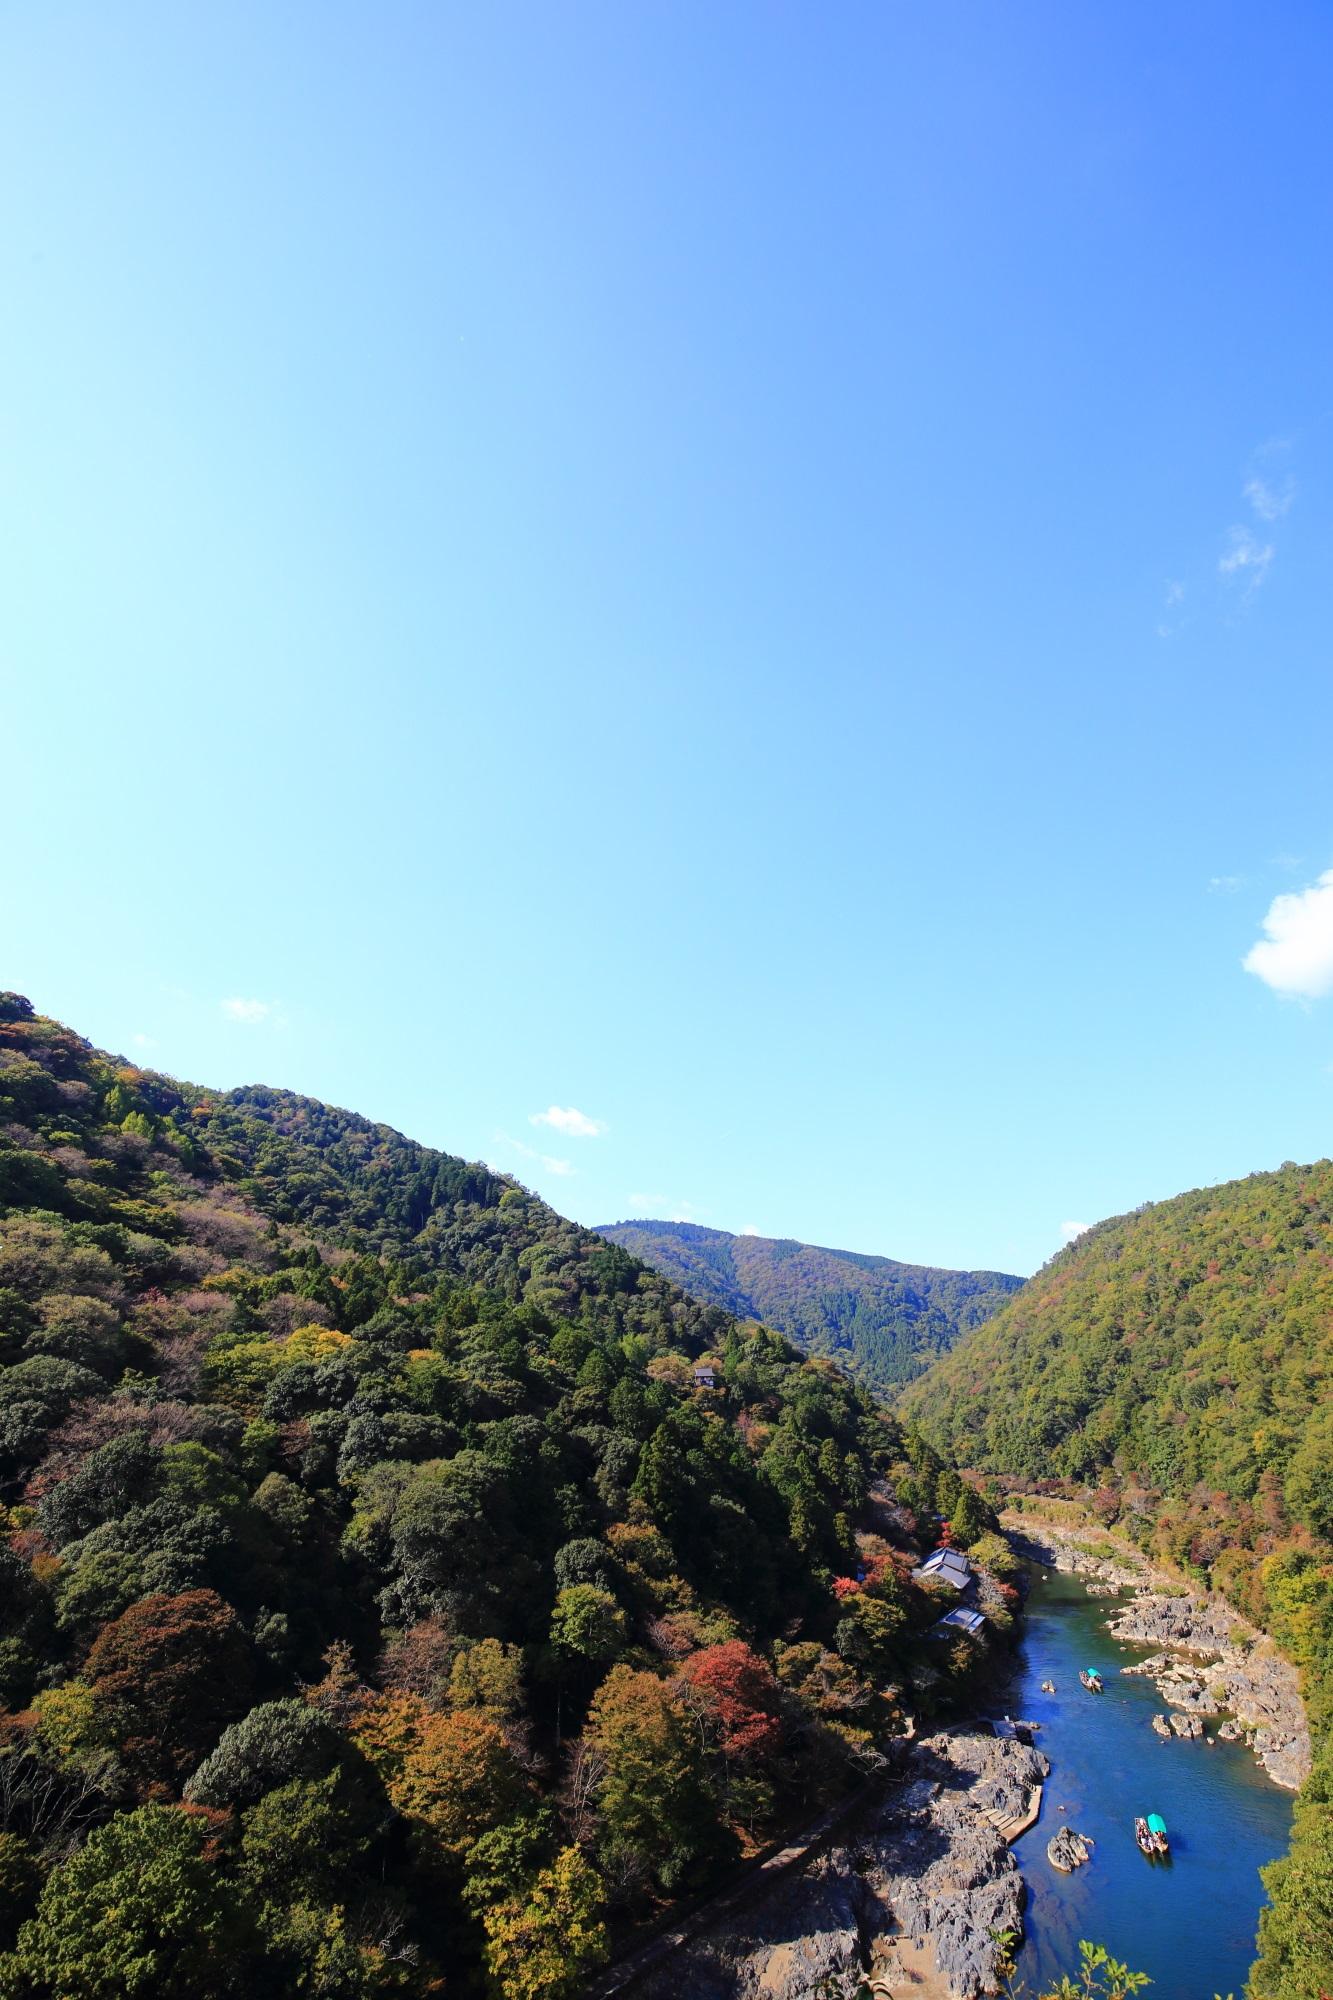 青い空 保津峡 絶景 嵐山公園 亀山地区 展望台